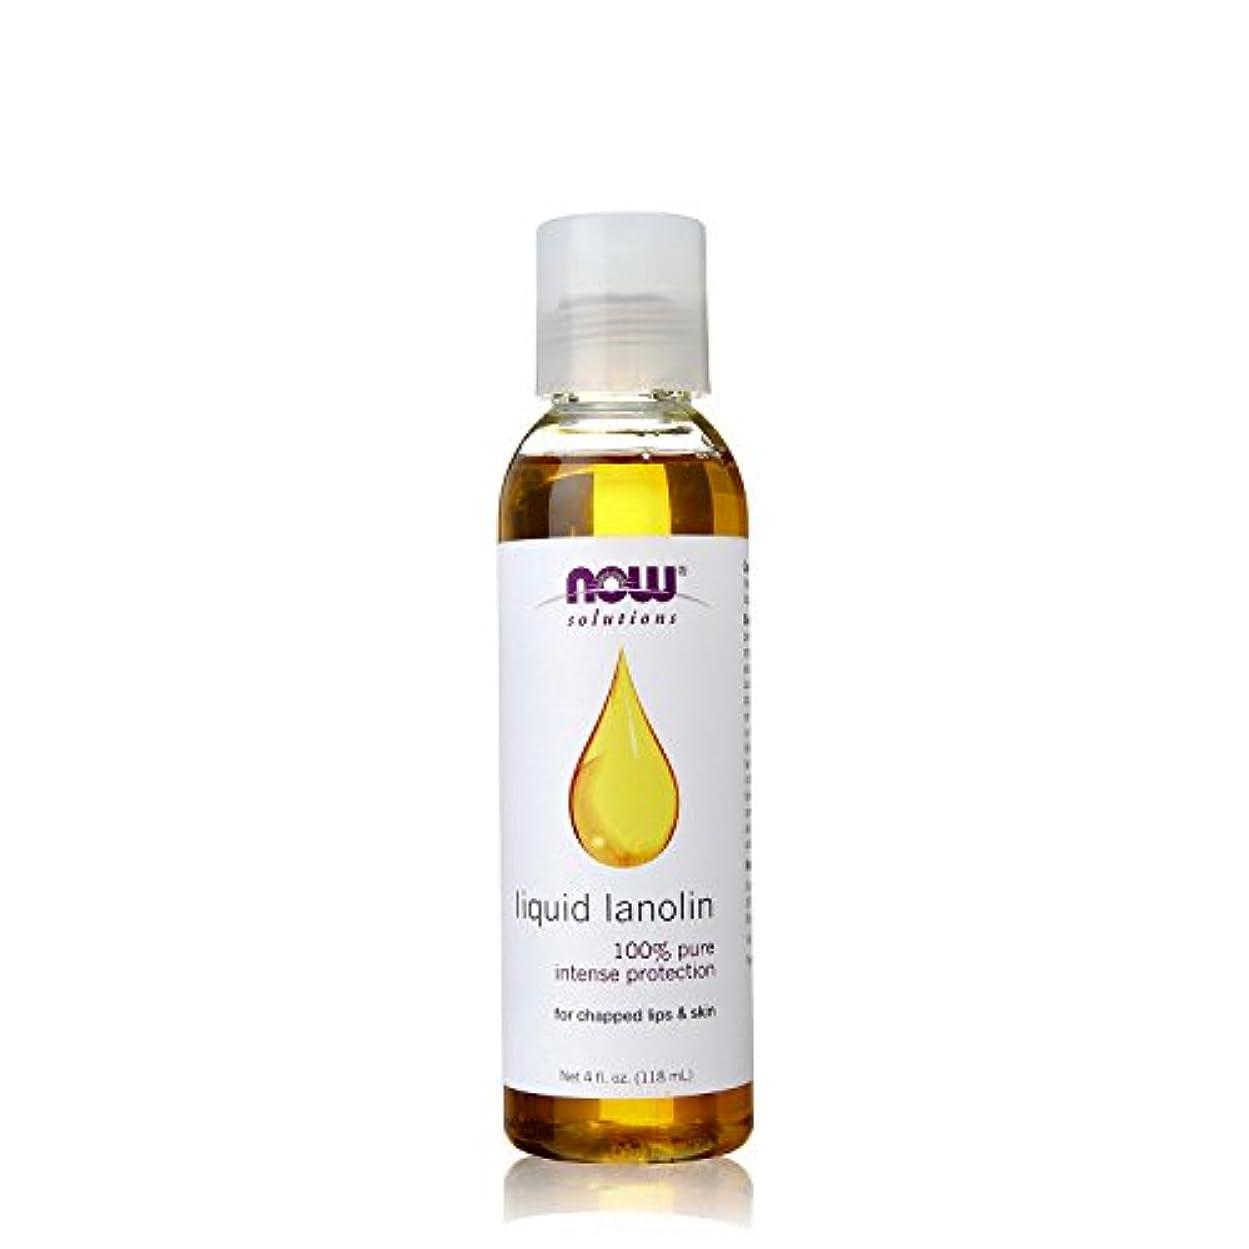 突然嫌悪神経障害NOW Foods - 液体のラノリン 100% Pureの - 4ポンド [並行輸入品]